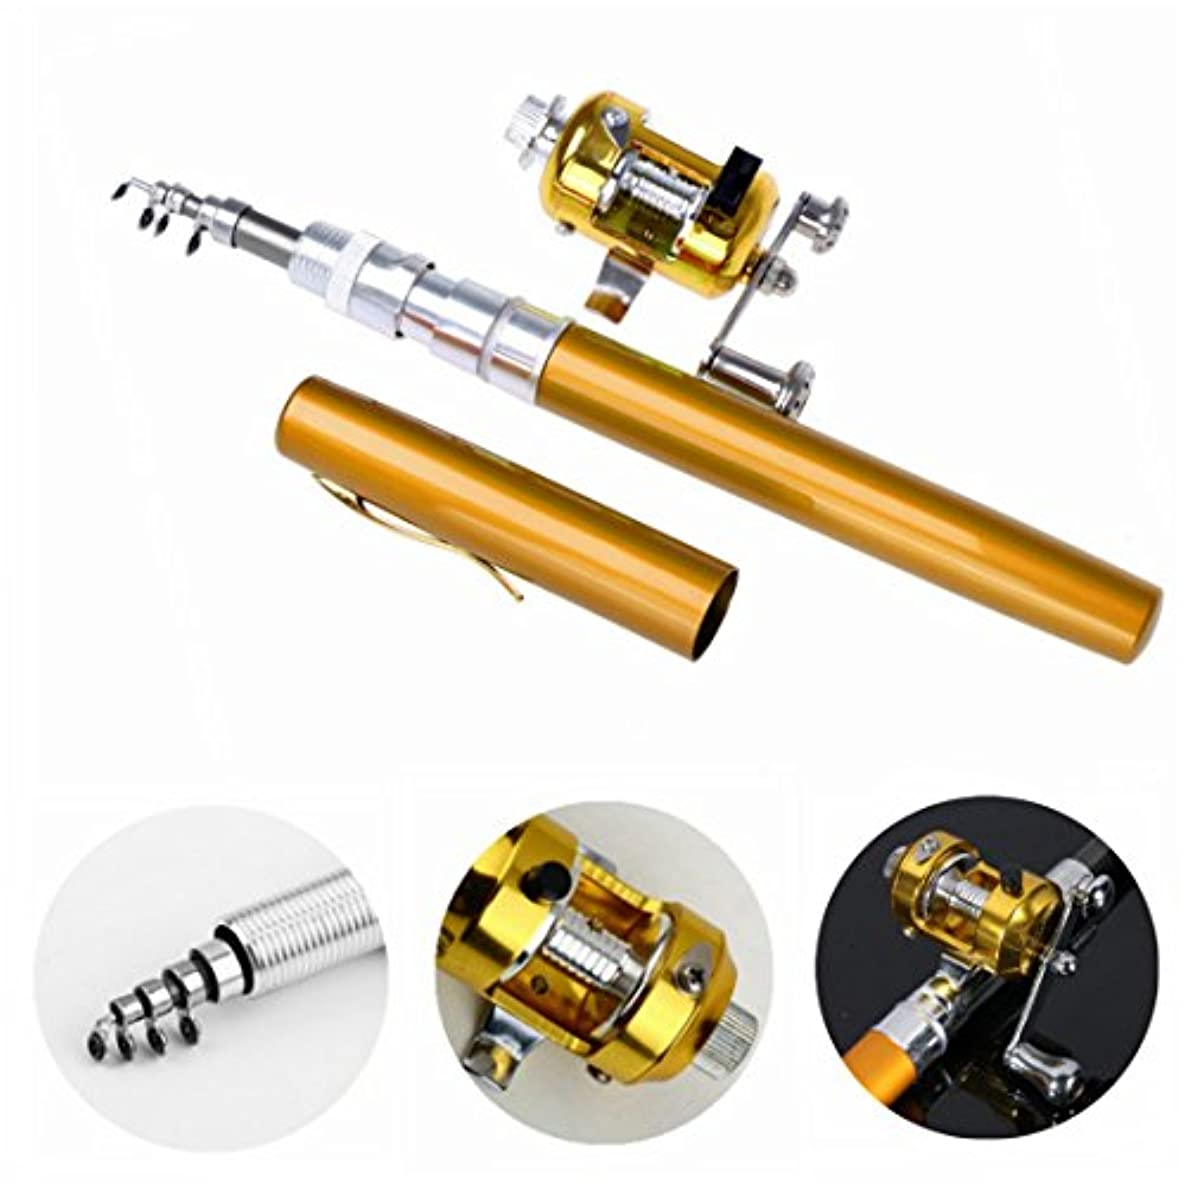 気質第二にパイDealzip Inc 38インチミニポータブルポケットアルミニウム合金釣りロッドラックペンとリールコンボ